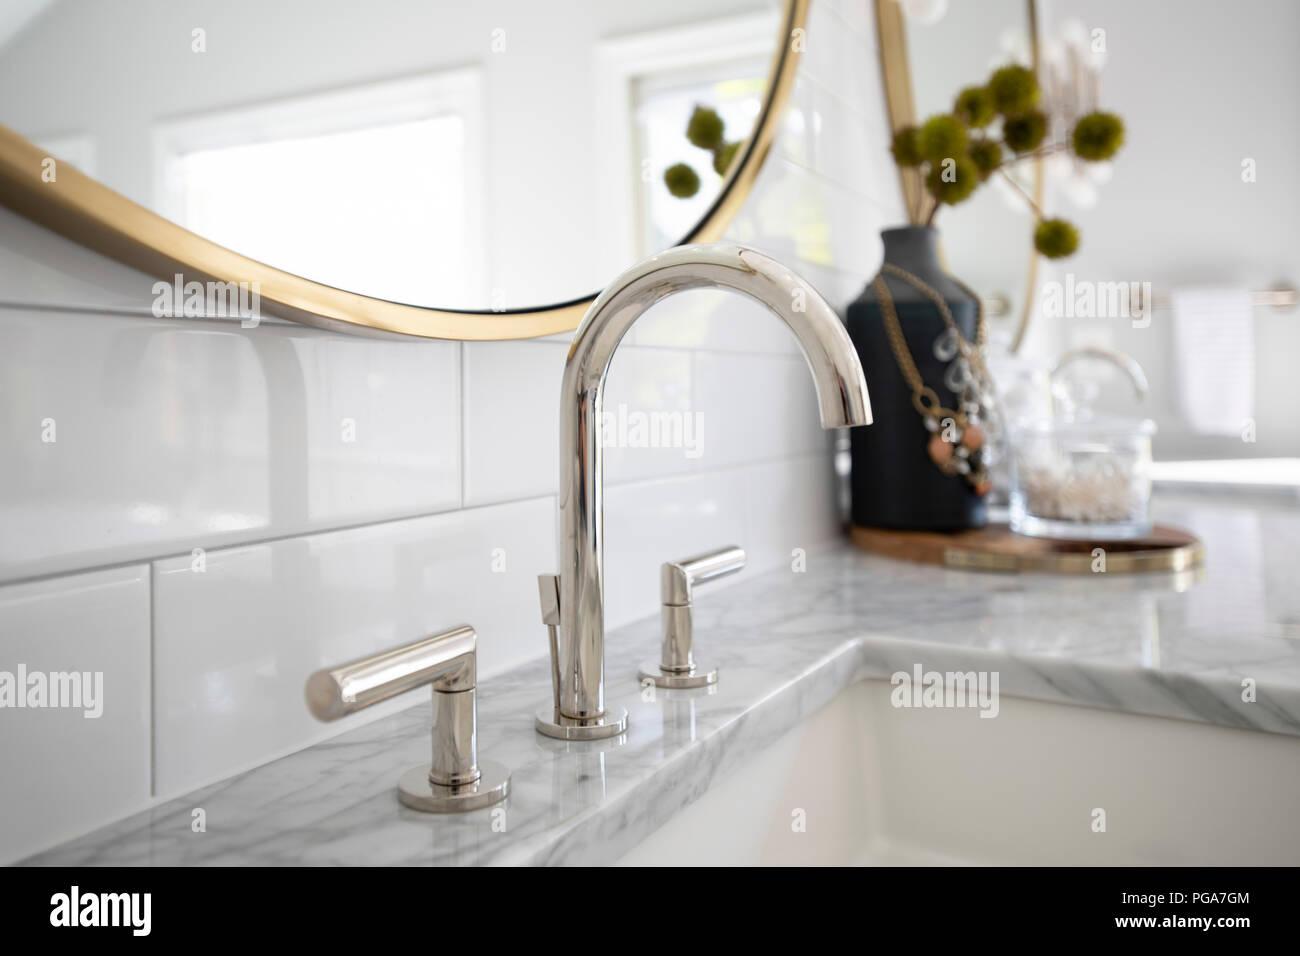 Bagni Piastrelle Bianche : Il lavandino del bagno in marmo bianco vanity con piastrelle